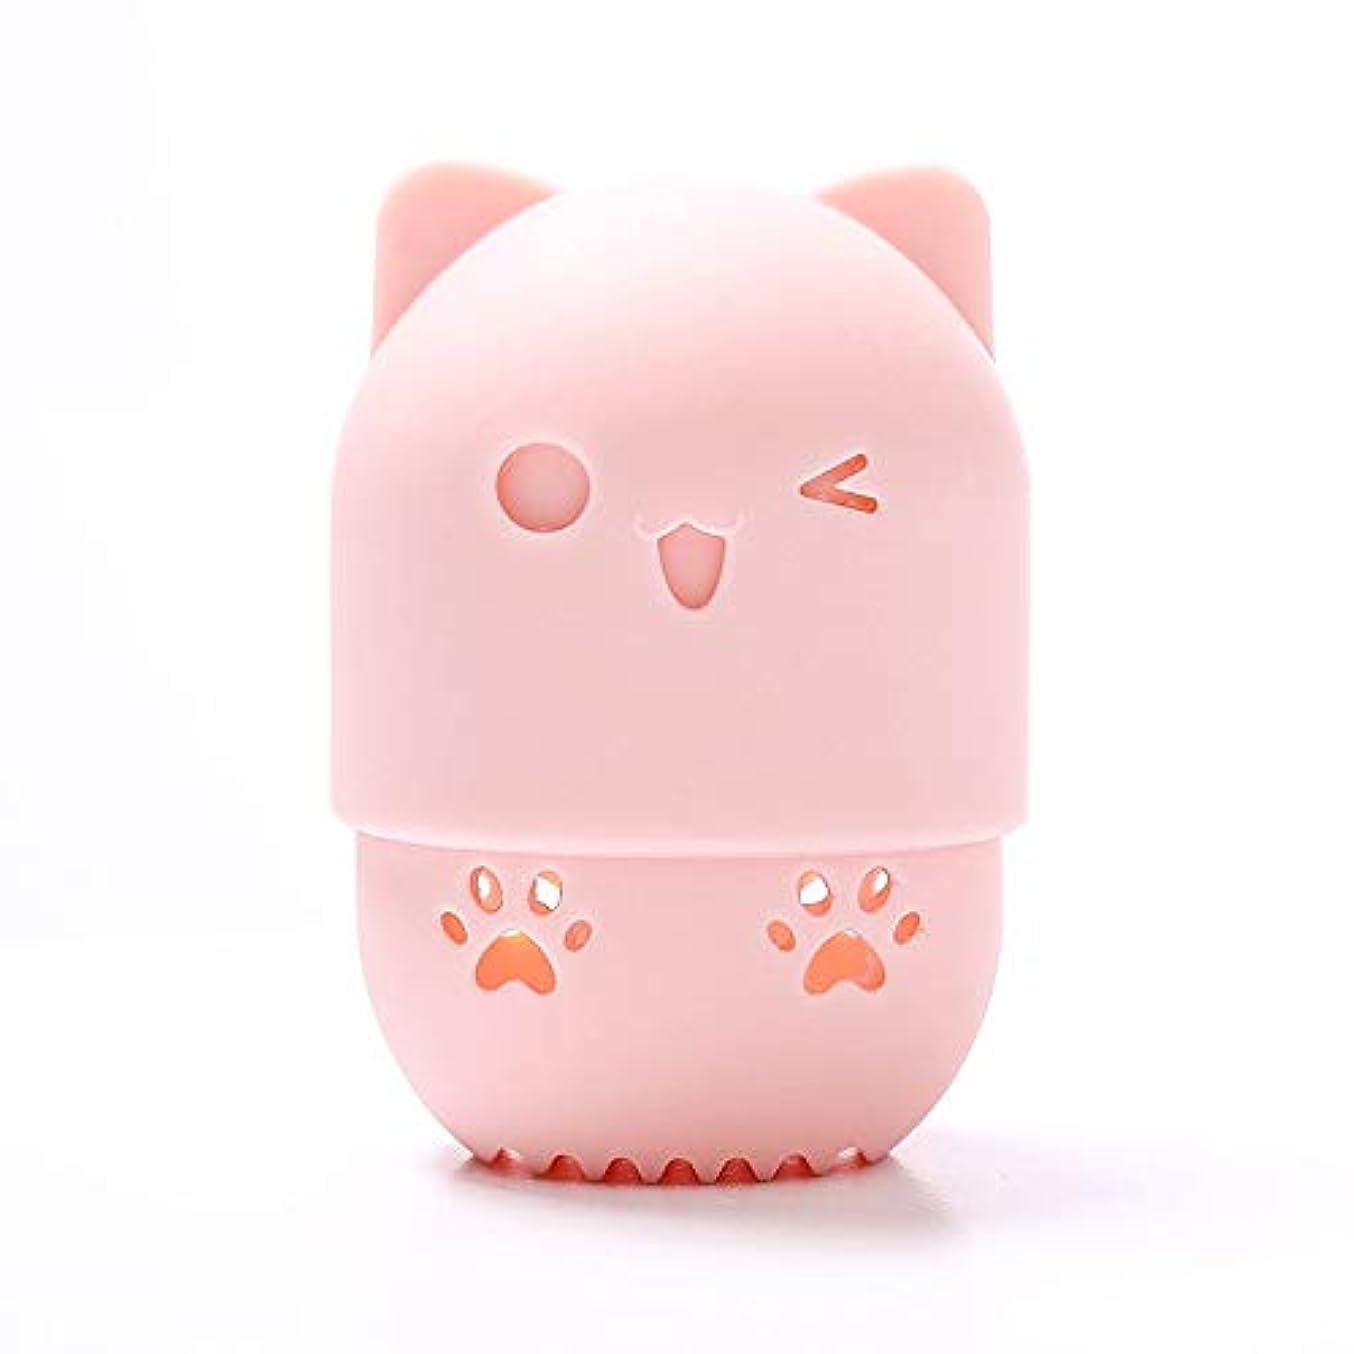 エスニック完璧タックルスポンジパフ収納ボックス ,可愛い通気性を柔らか美容スポンジ シリコン旅行 キャリングケース、あらゆる化粧スポンジ適用 (ピンク)